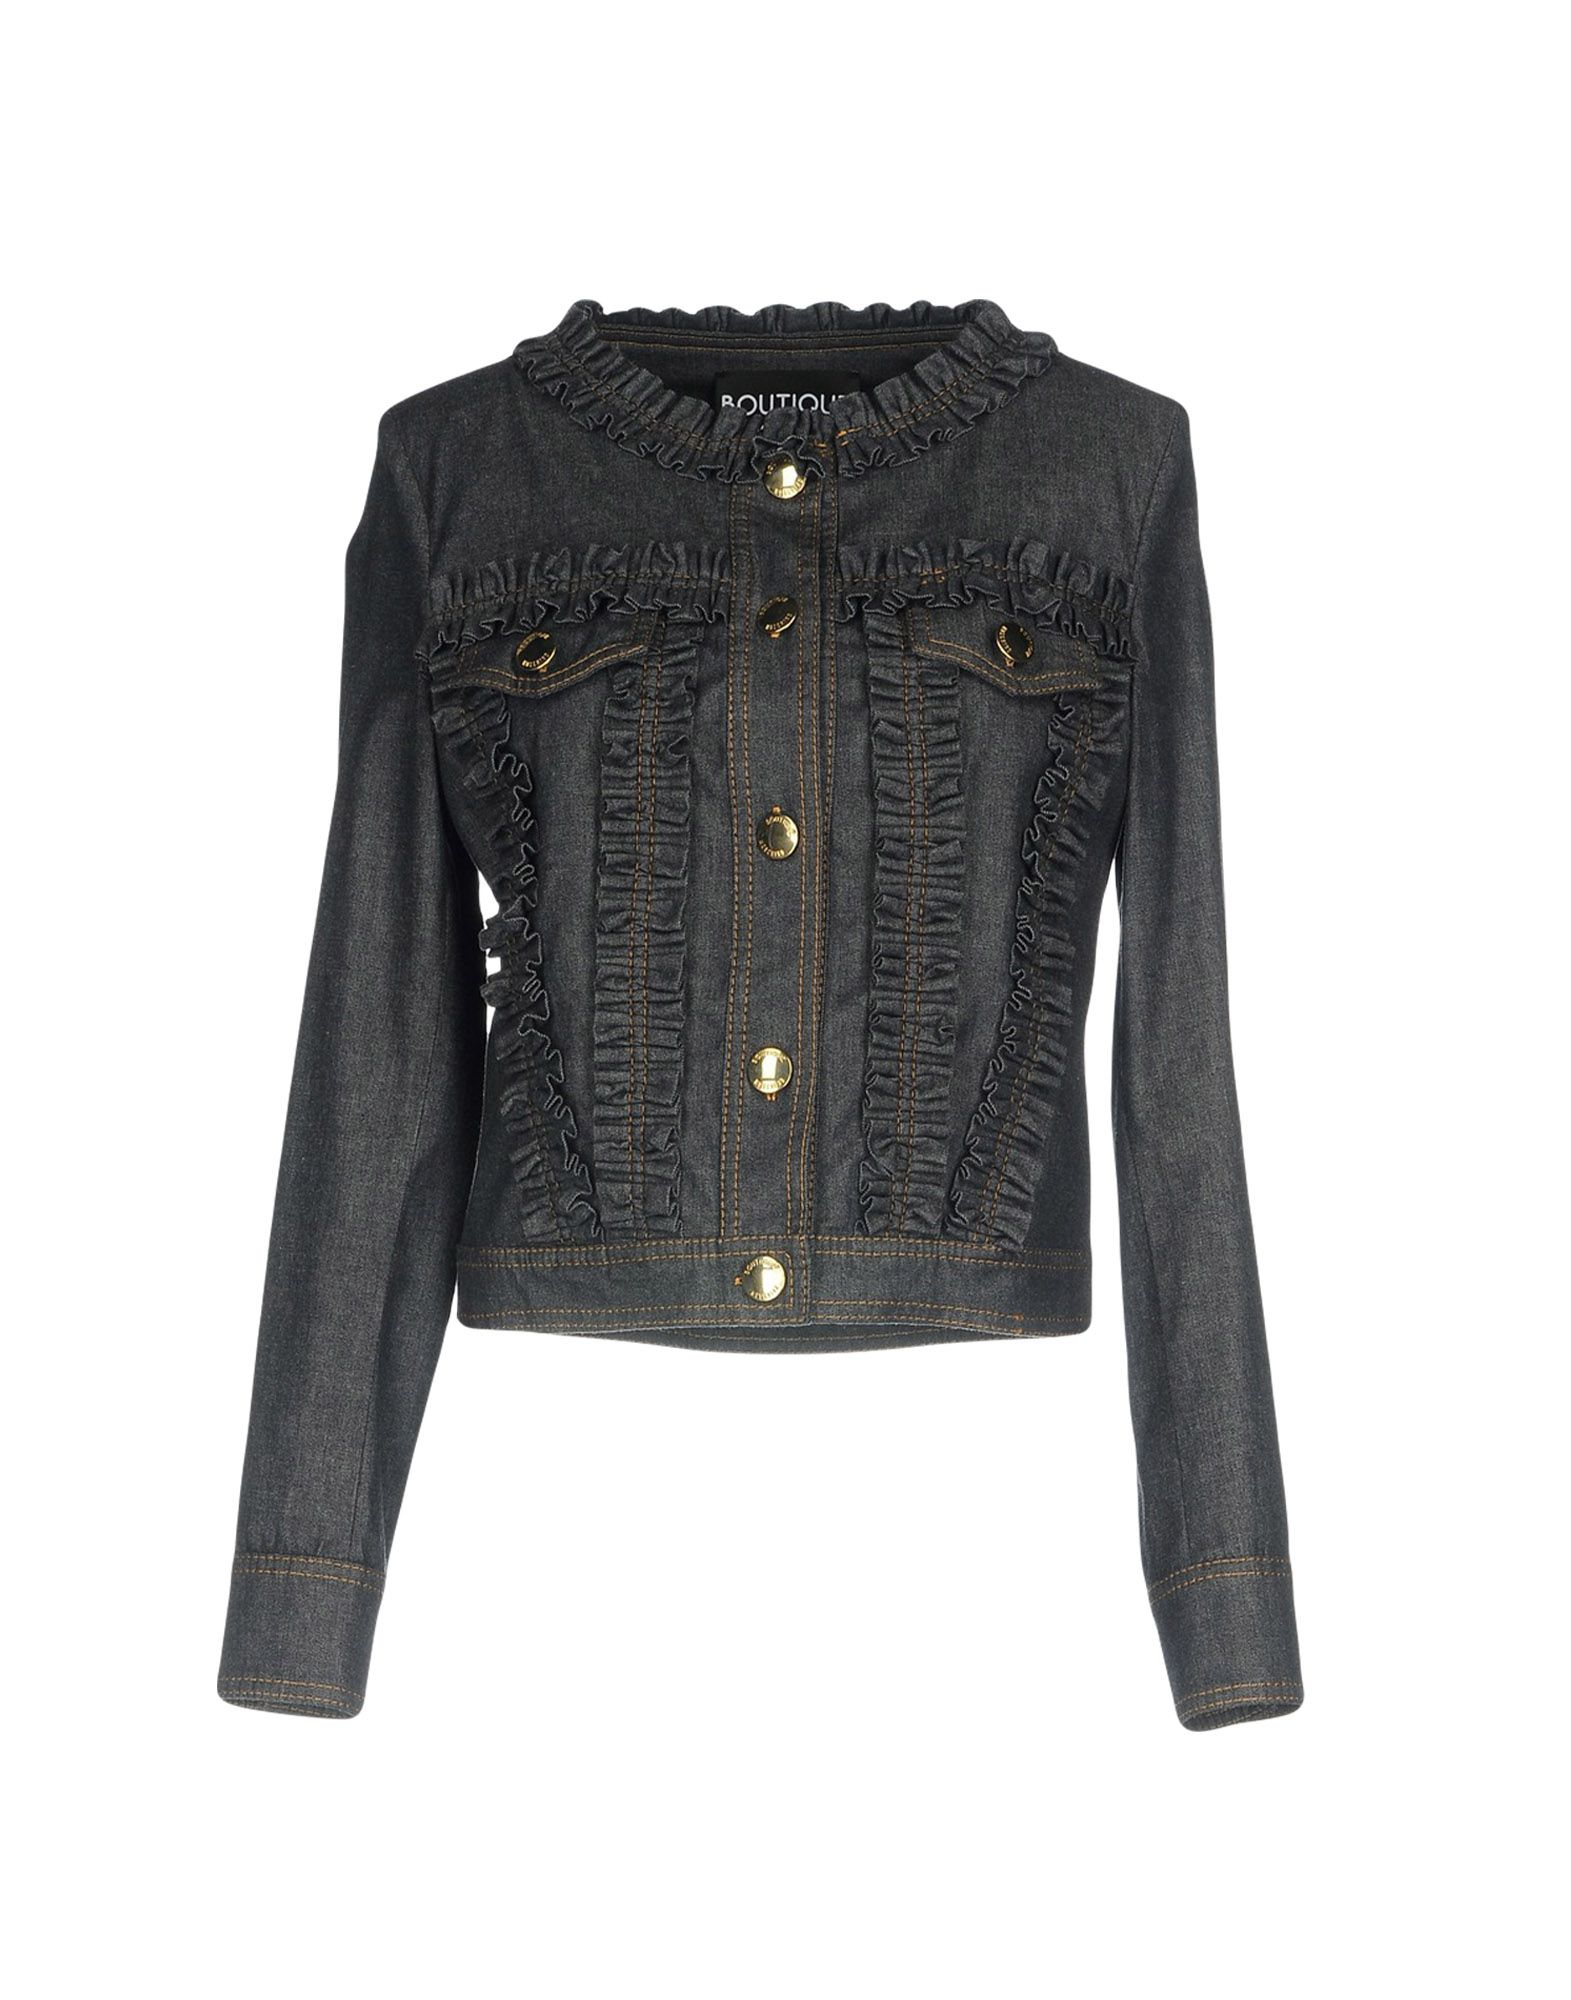 BOUTIQUE MOSCHINO Джинсовая верхняя одежда boutique moschino джинсовая верхняя одежда